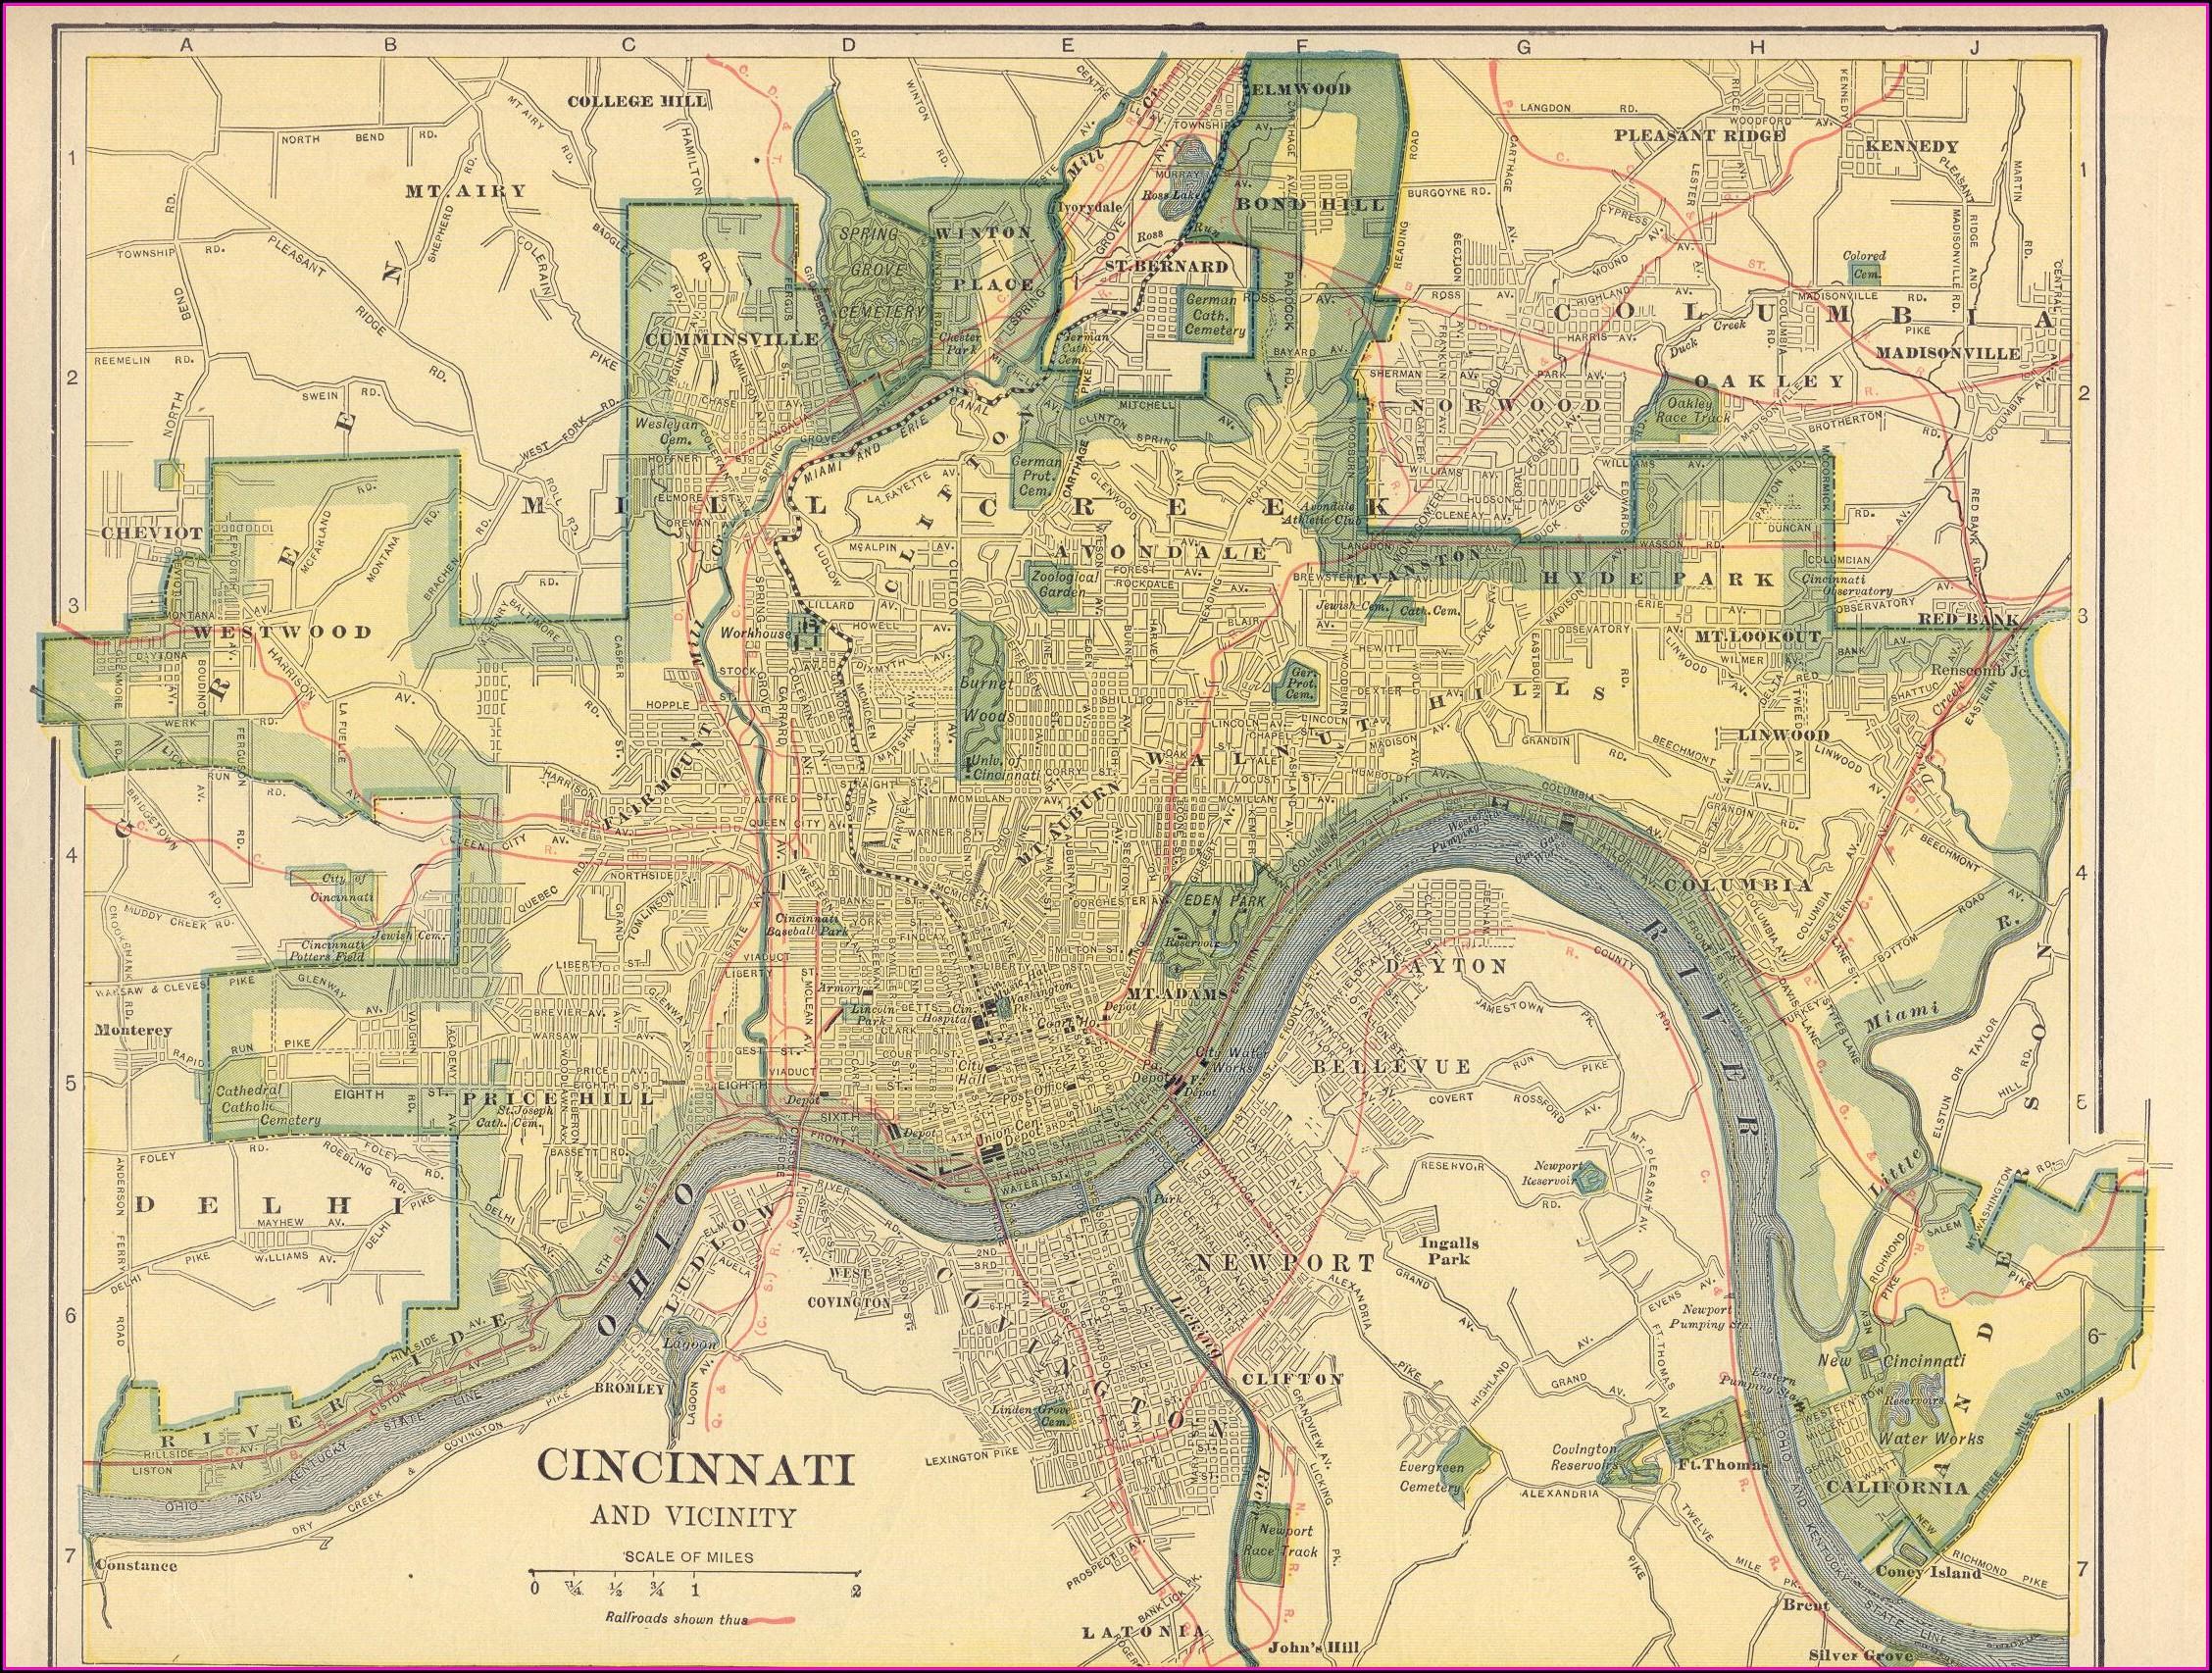 Historic Maps Of Cincinnati Ohio